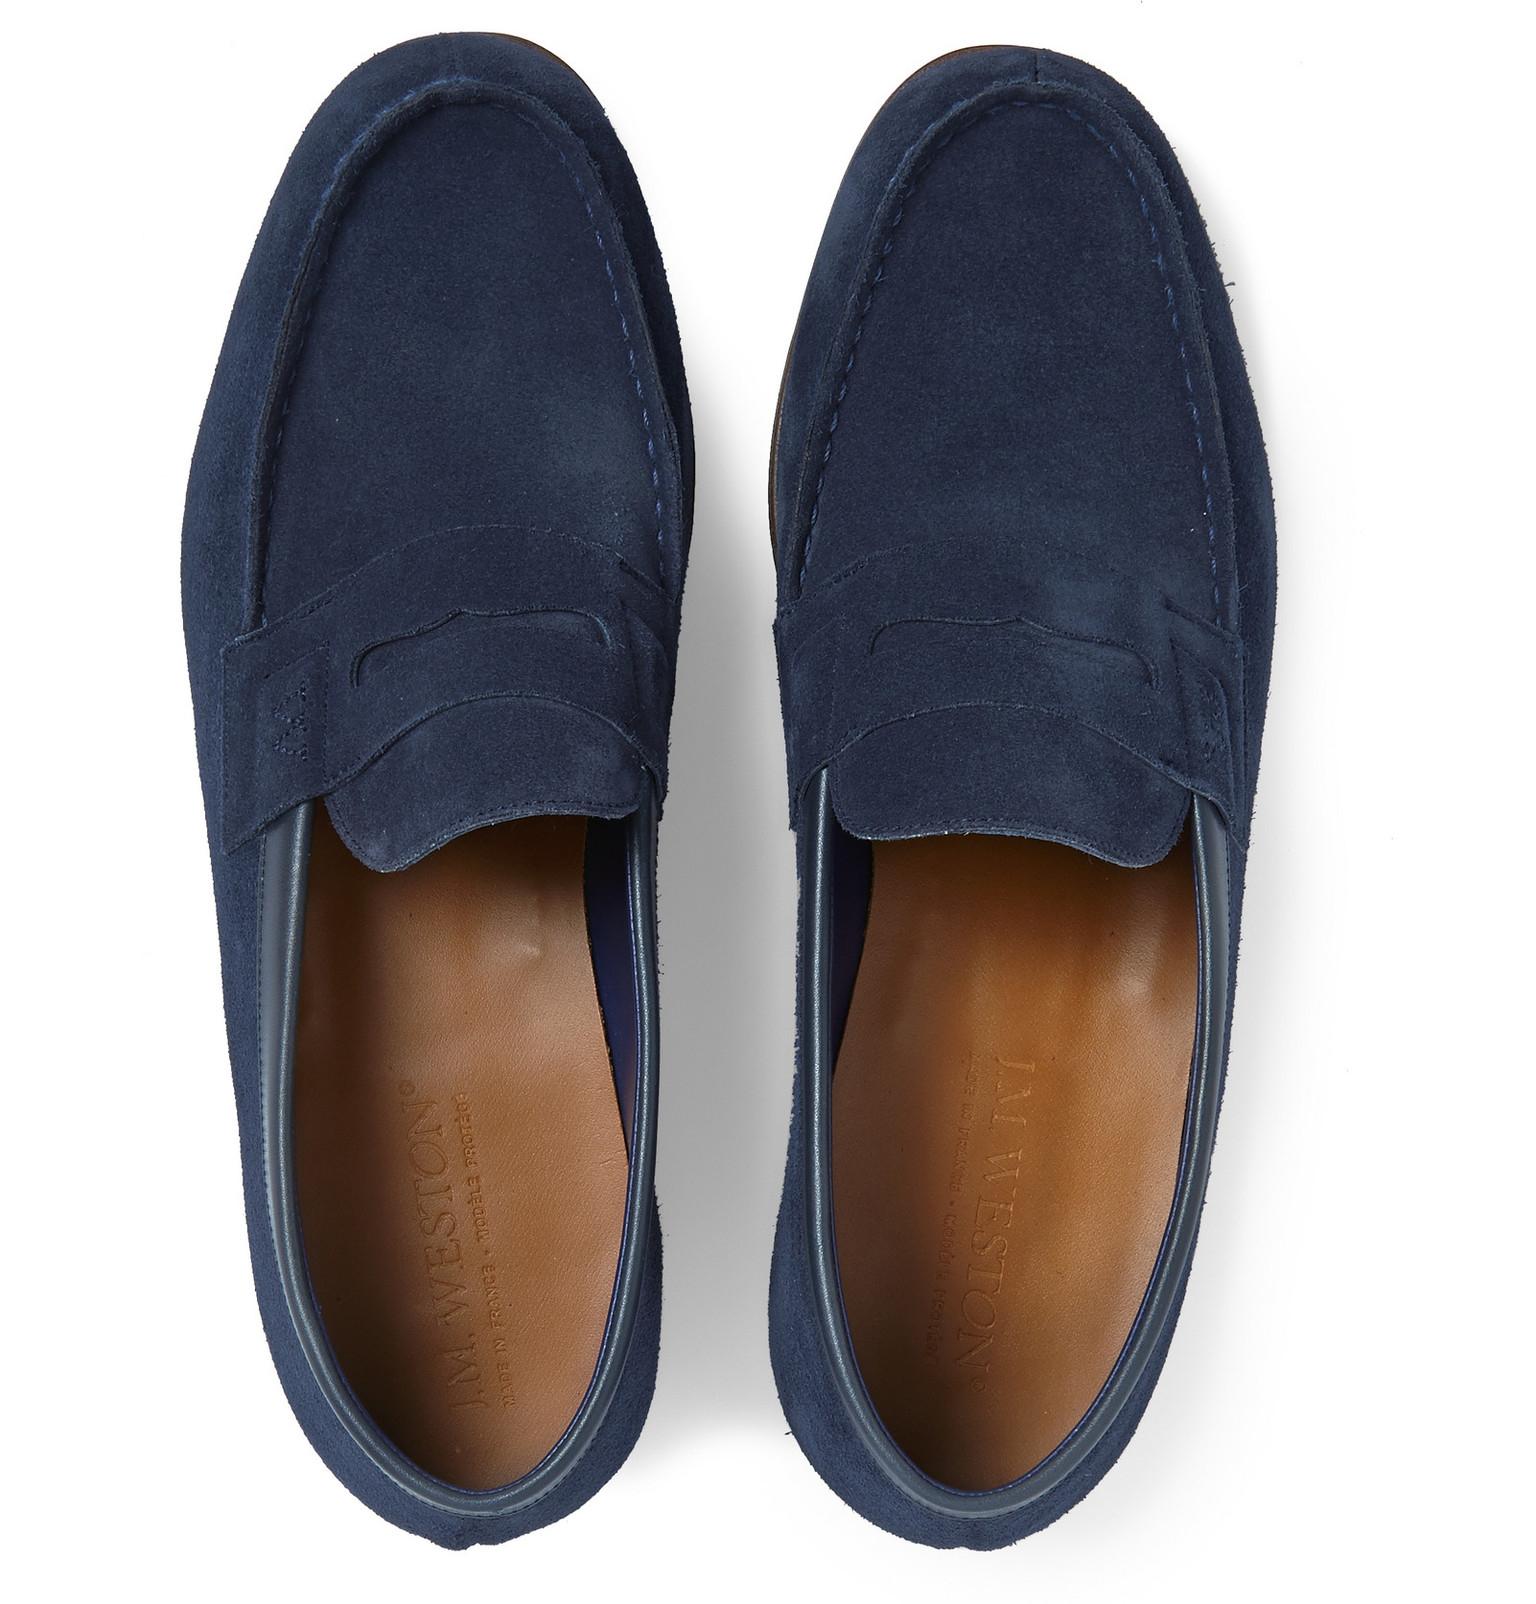 Jm Weston Shoes Uk